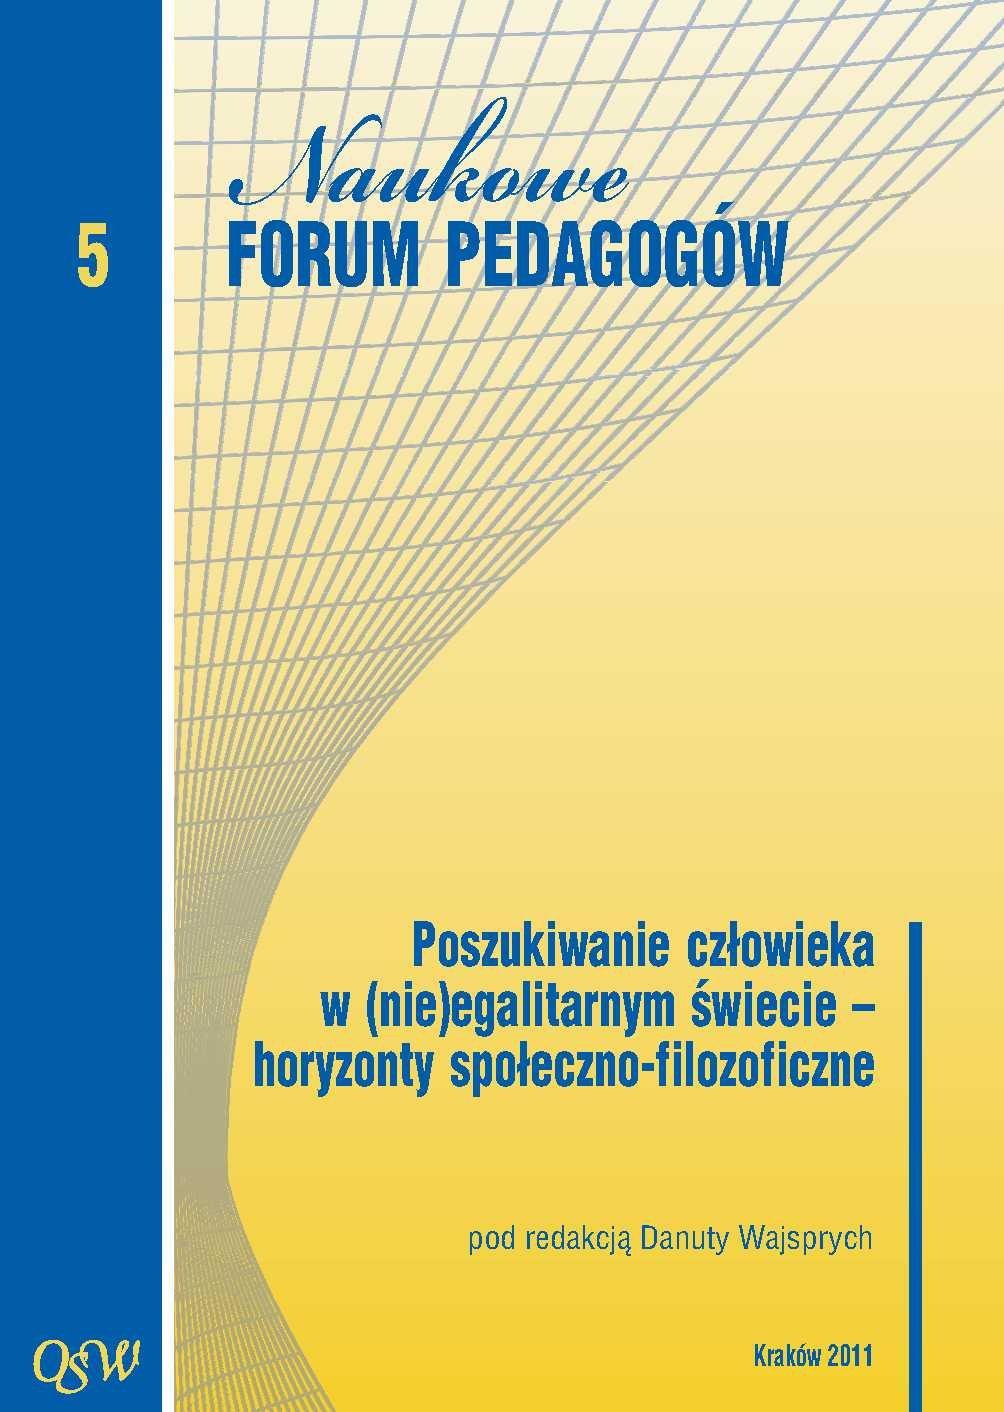 Poszukiwanie człowieka w (nie)egalitarnym świecie – horyzonty społeczno-filozoficzne - Ebook (Książka PDF) do pobrania w formacie PDF